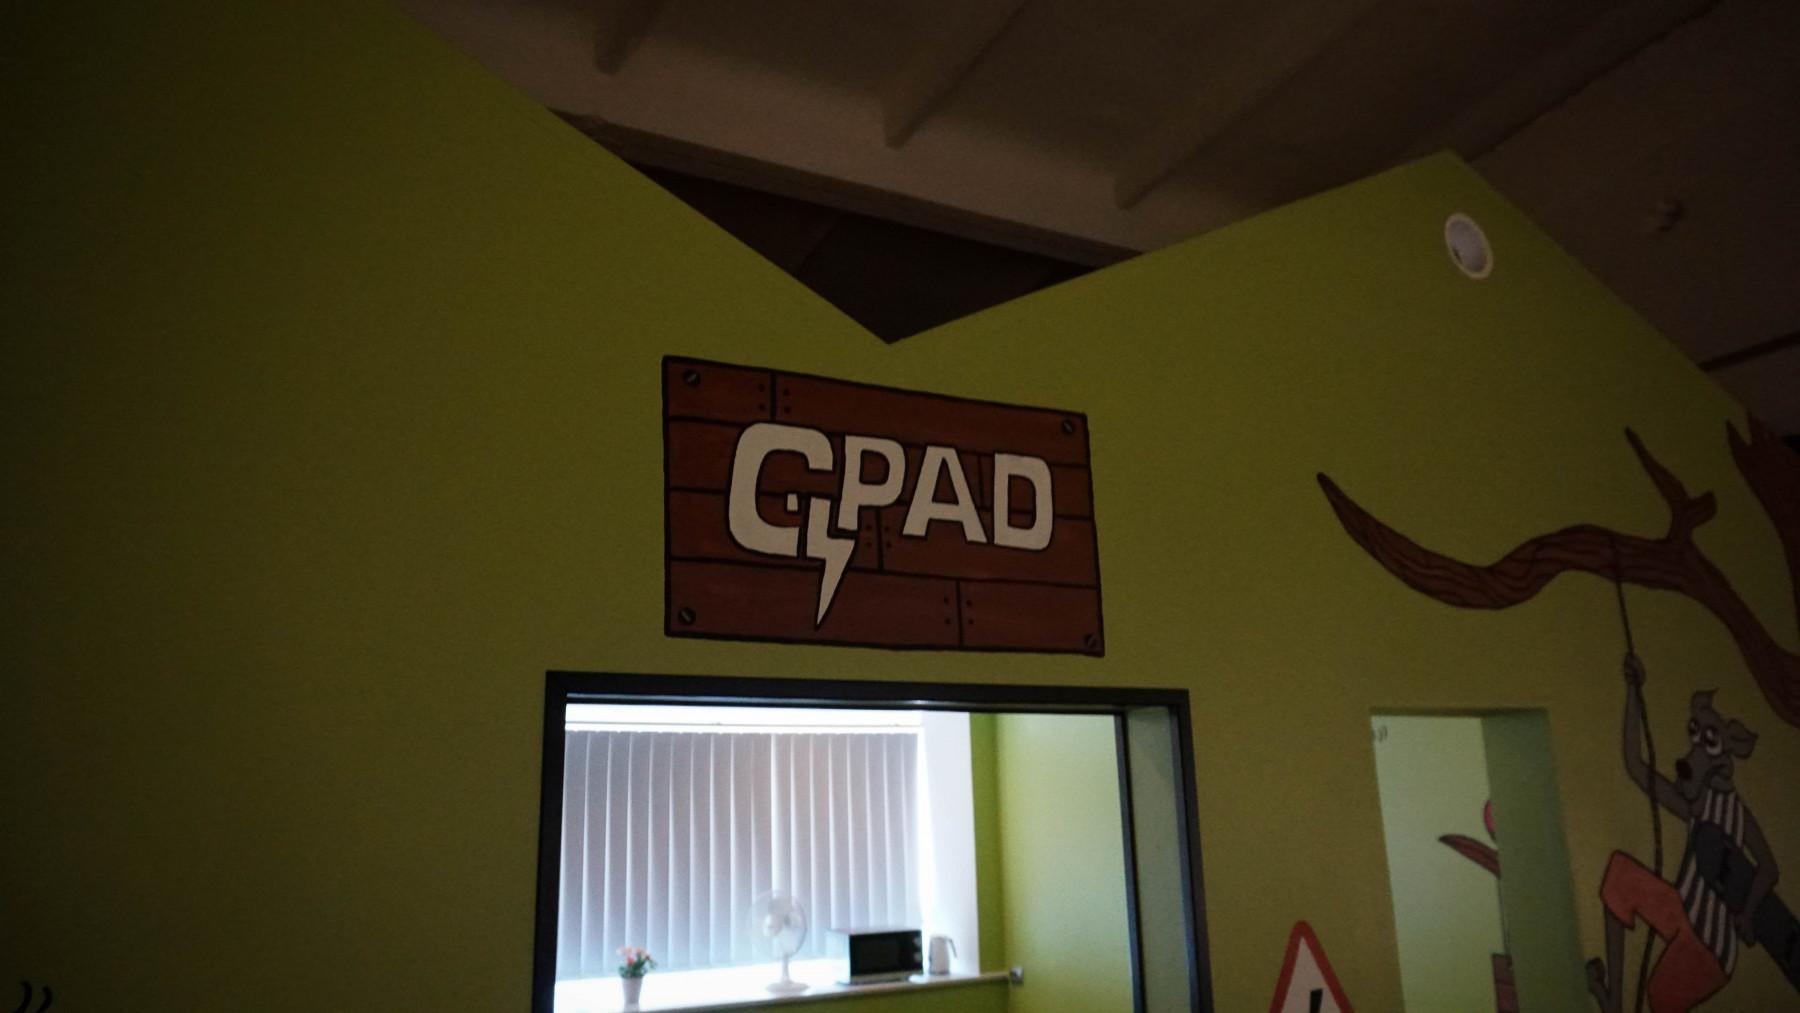 GPad / 20 käepaela / Asub teisel korrusel